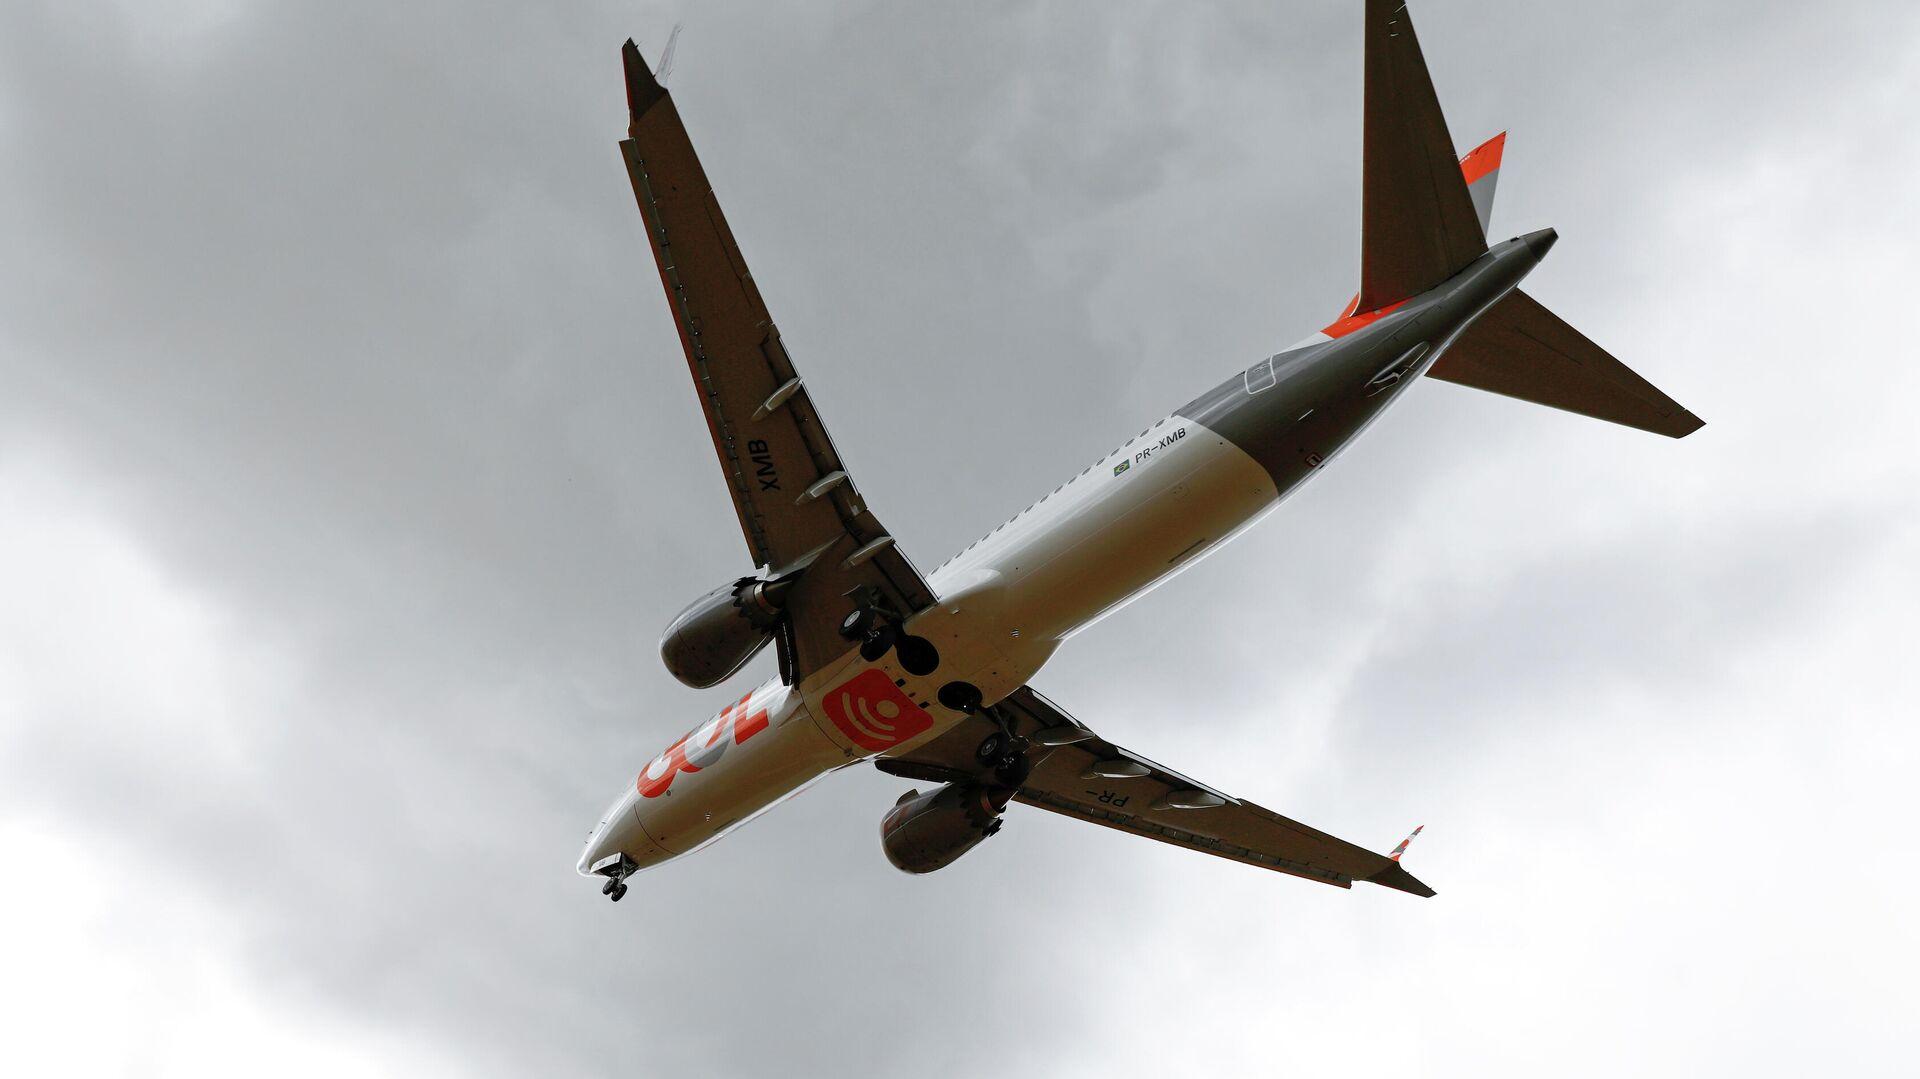 Boeing 737 Max hebt nach Zwangspause wieder ab  - SNA, 1920, 09.12.2020